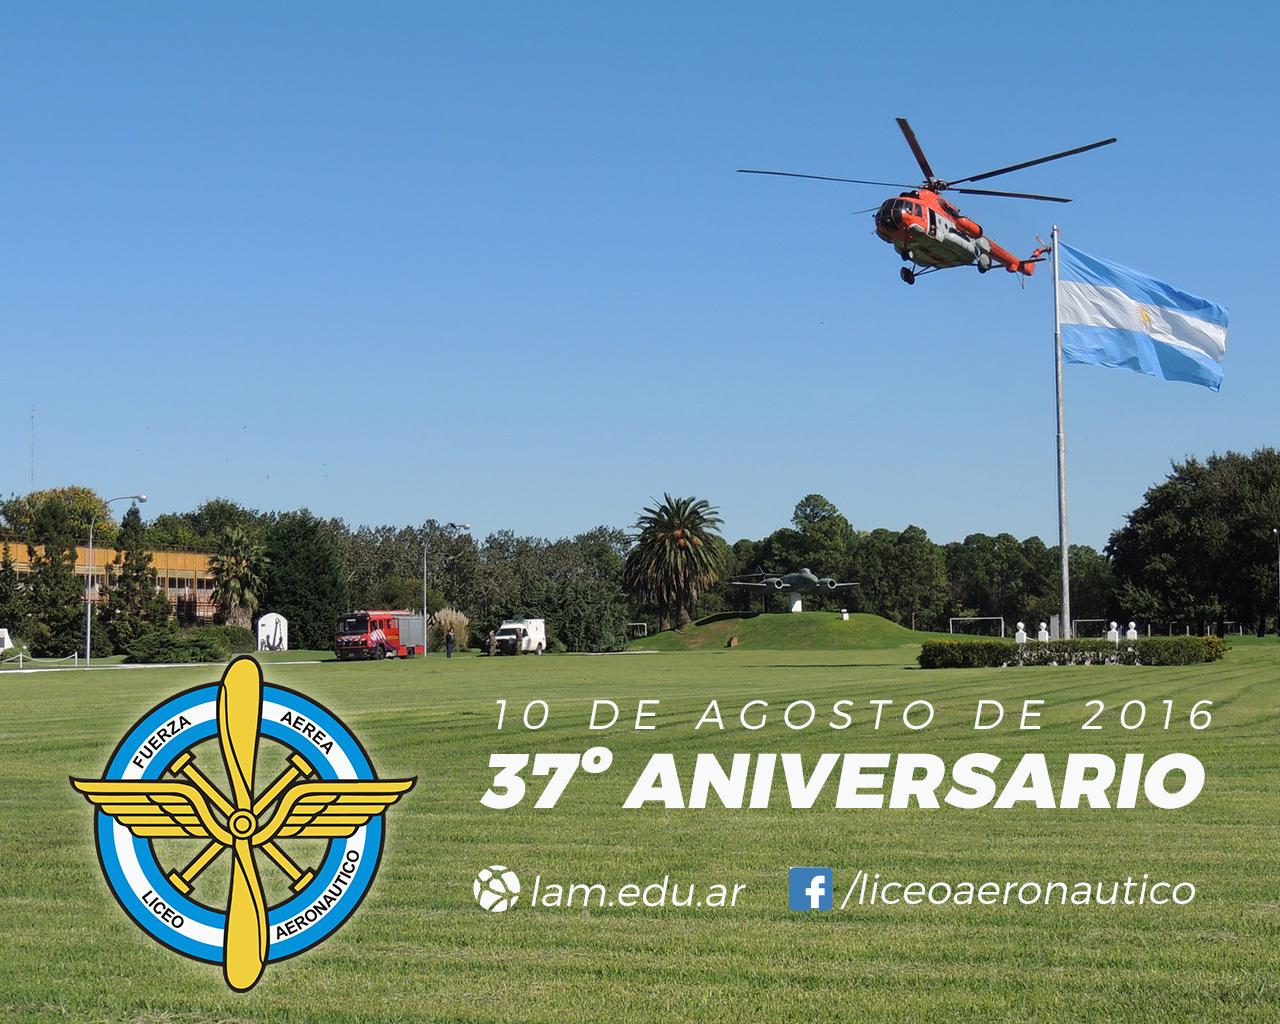 104ºaniversario de la Fuerza Aérea Argentina y 37ºaniversario del Liceo Aeronáutico Militar